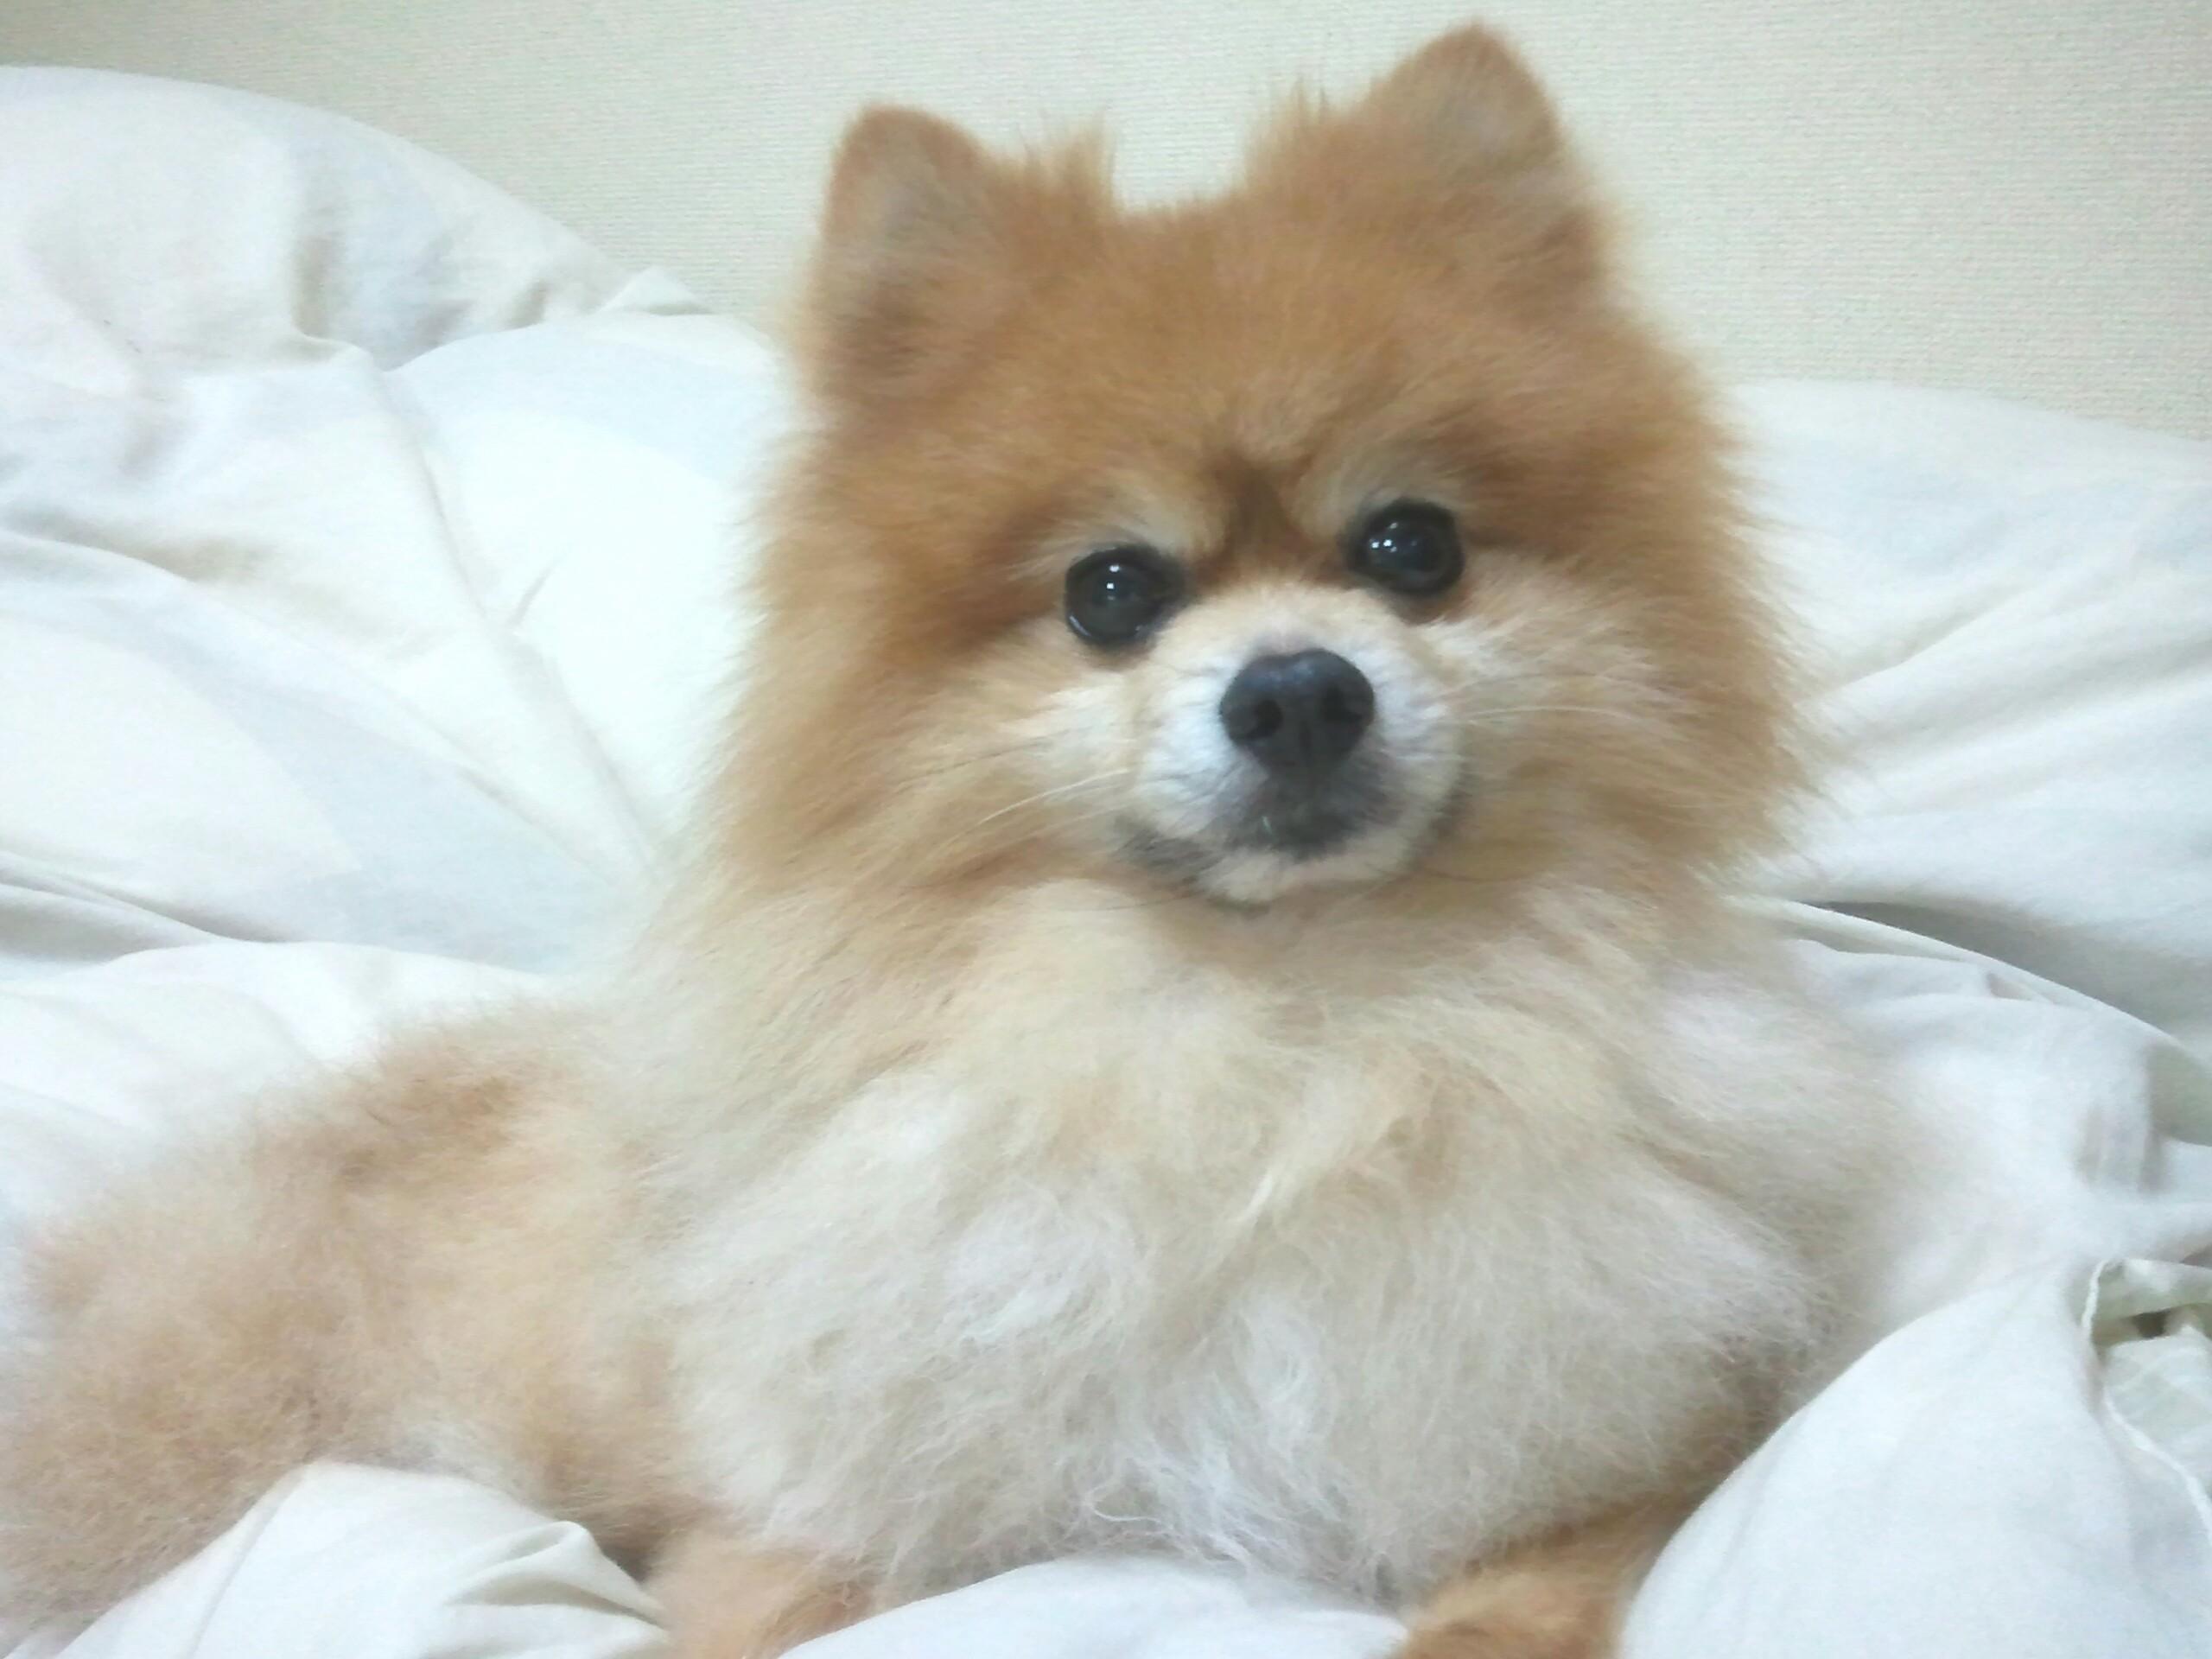 世界一かわいい人気茶色ポメラニアン小さいなペット愛犬写真画像